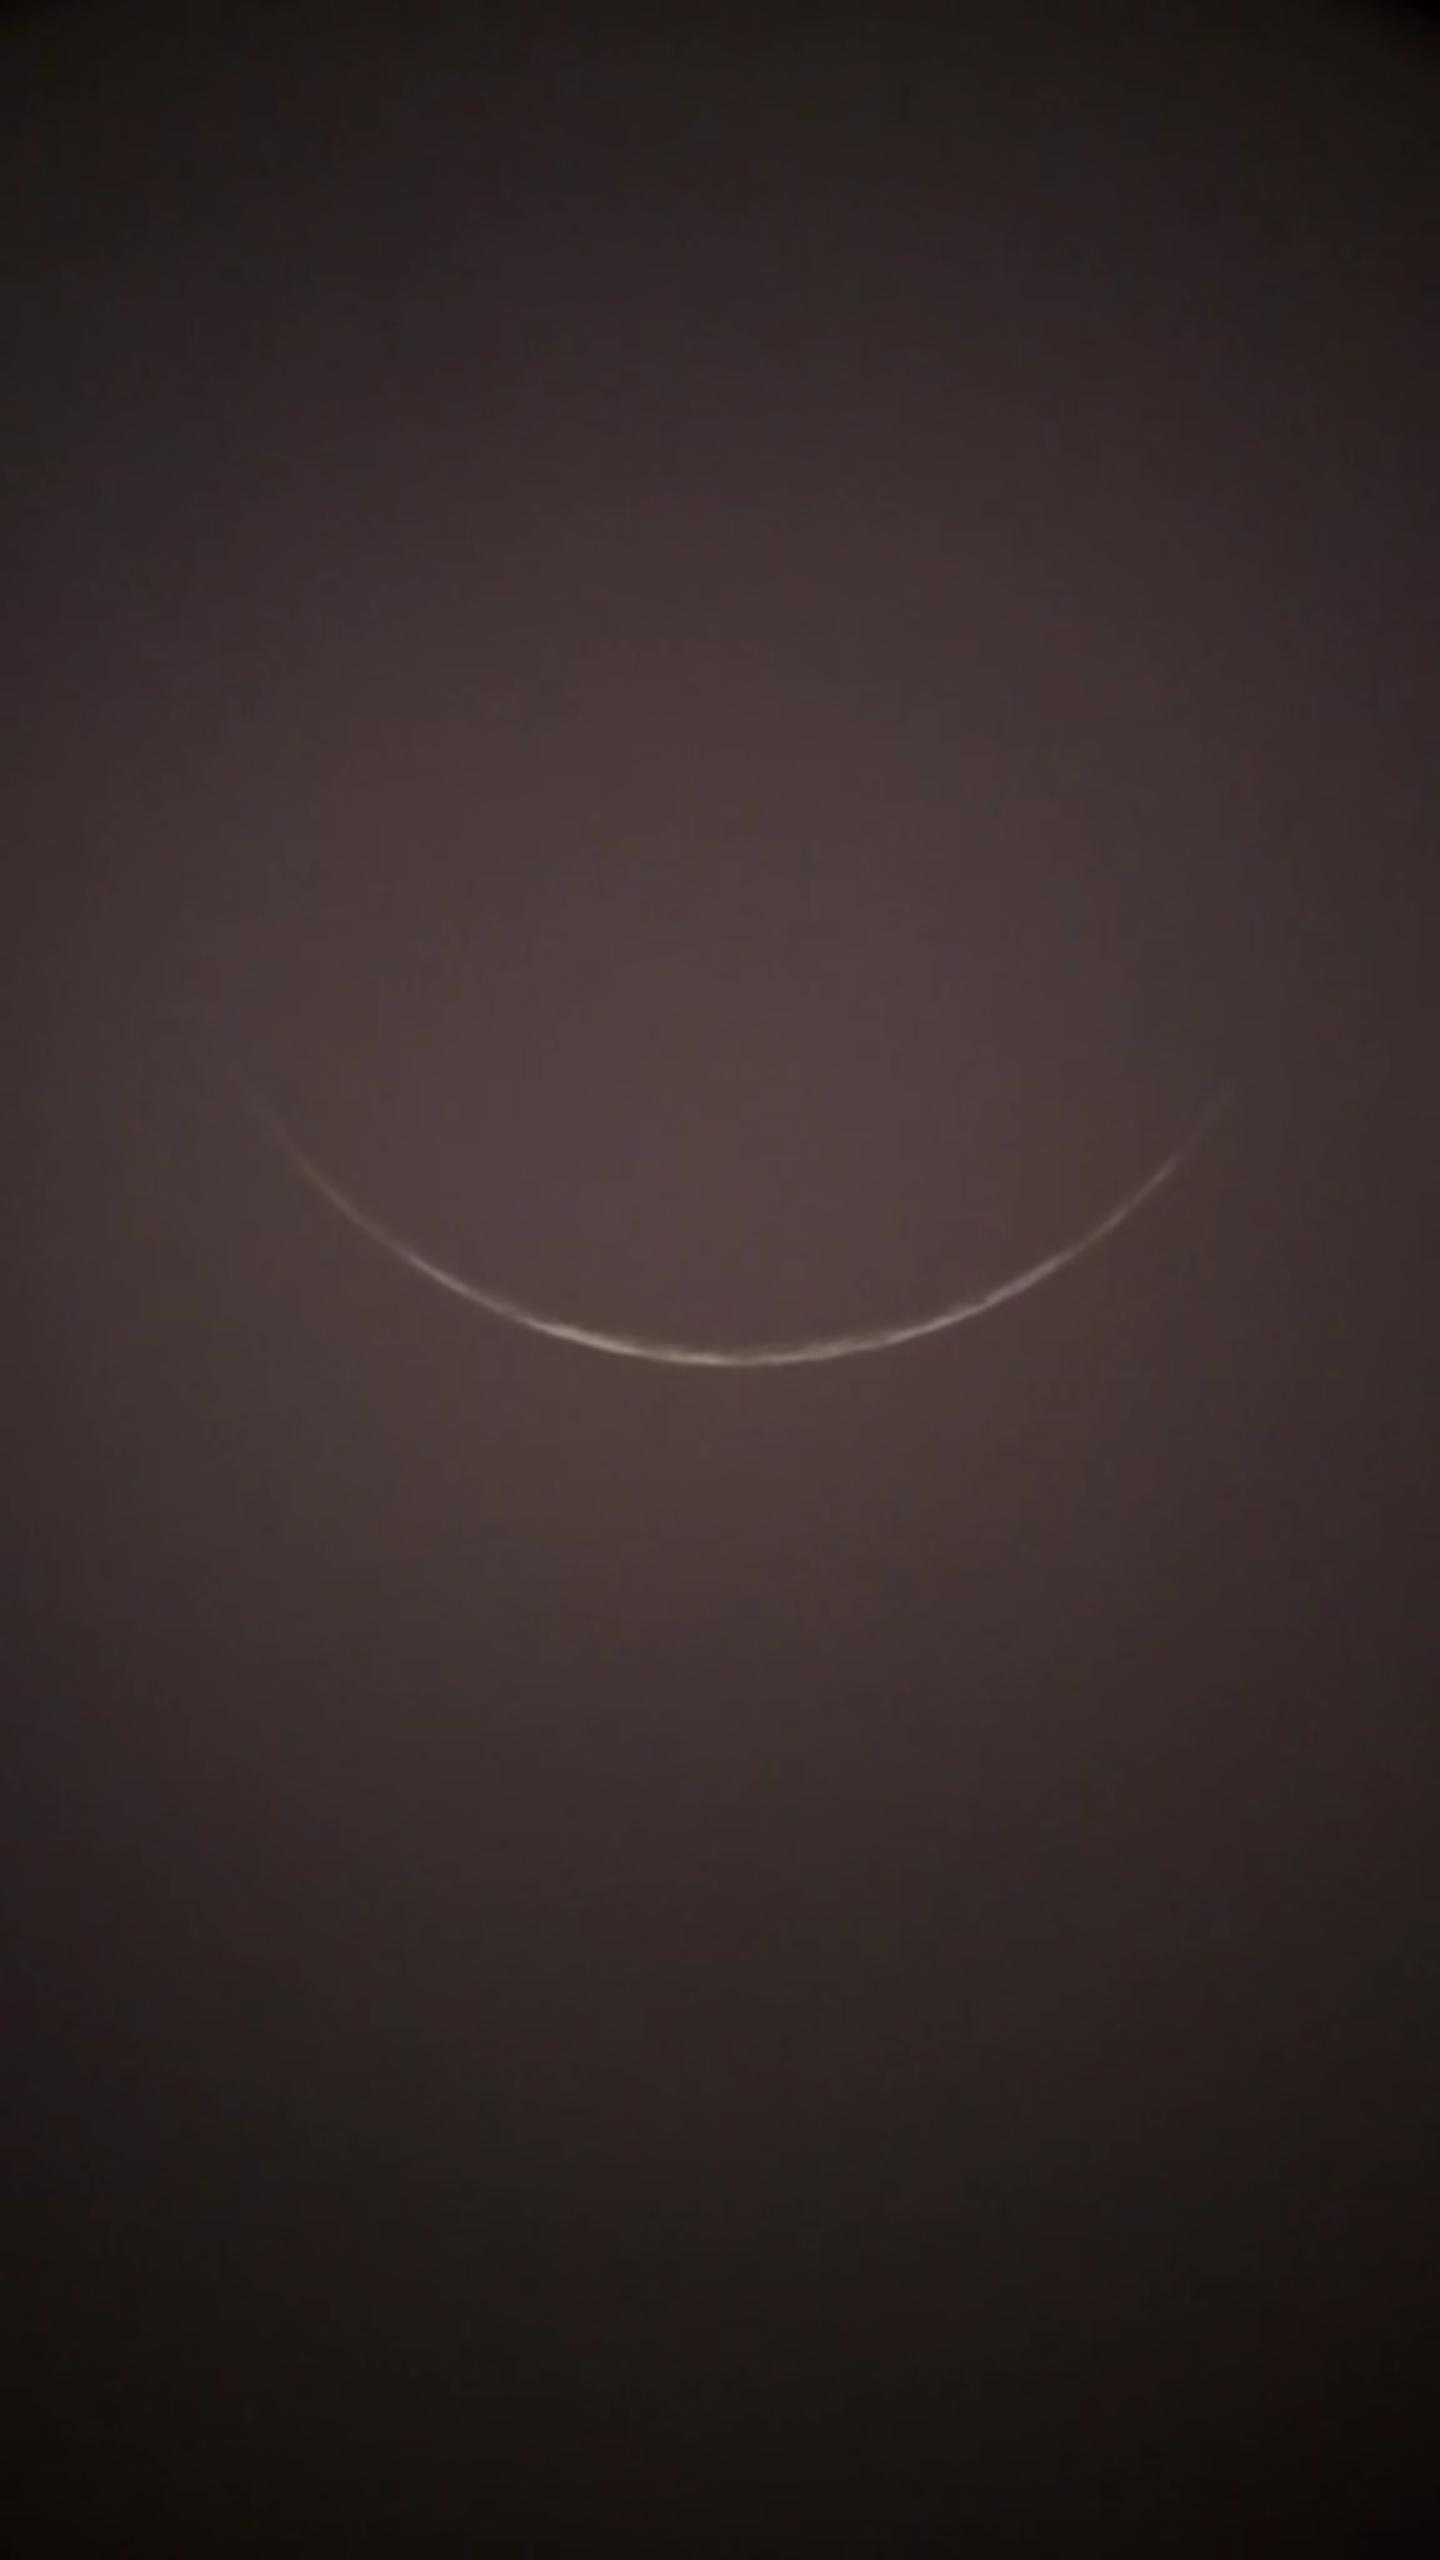 Fot hilal 1 Muharam 1441 H dari Cirebon, Indonesia, diambil pada Sabtu, 31 Agustus 2019 M.